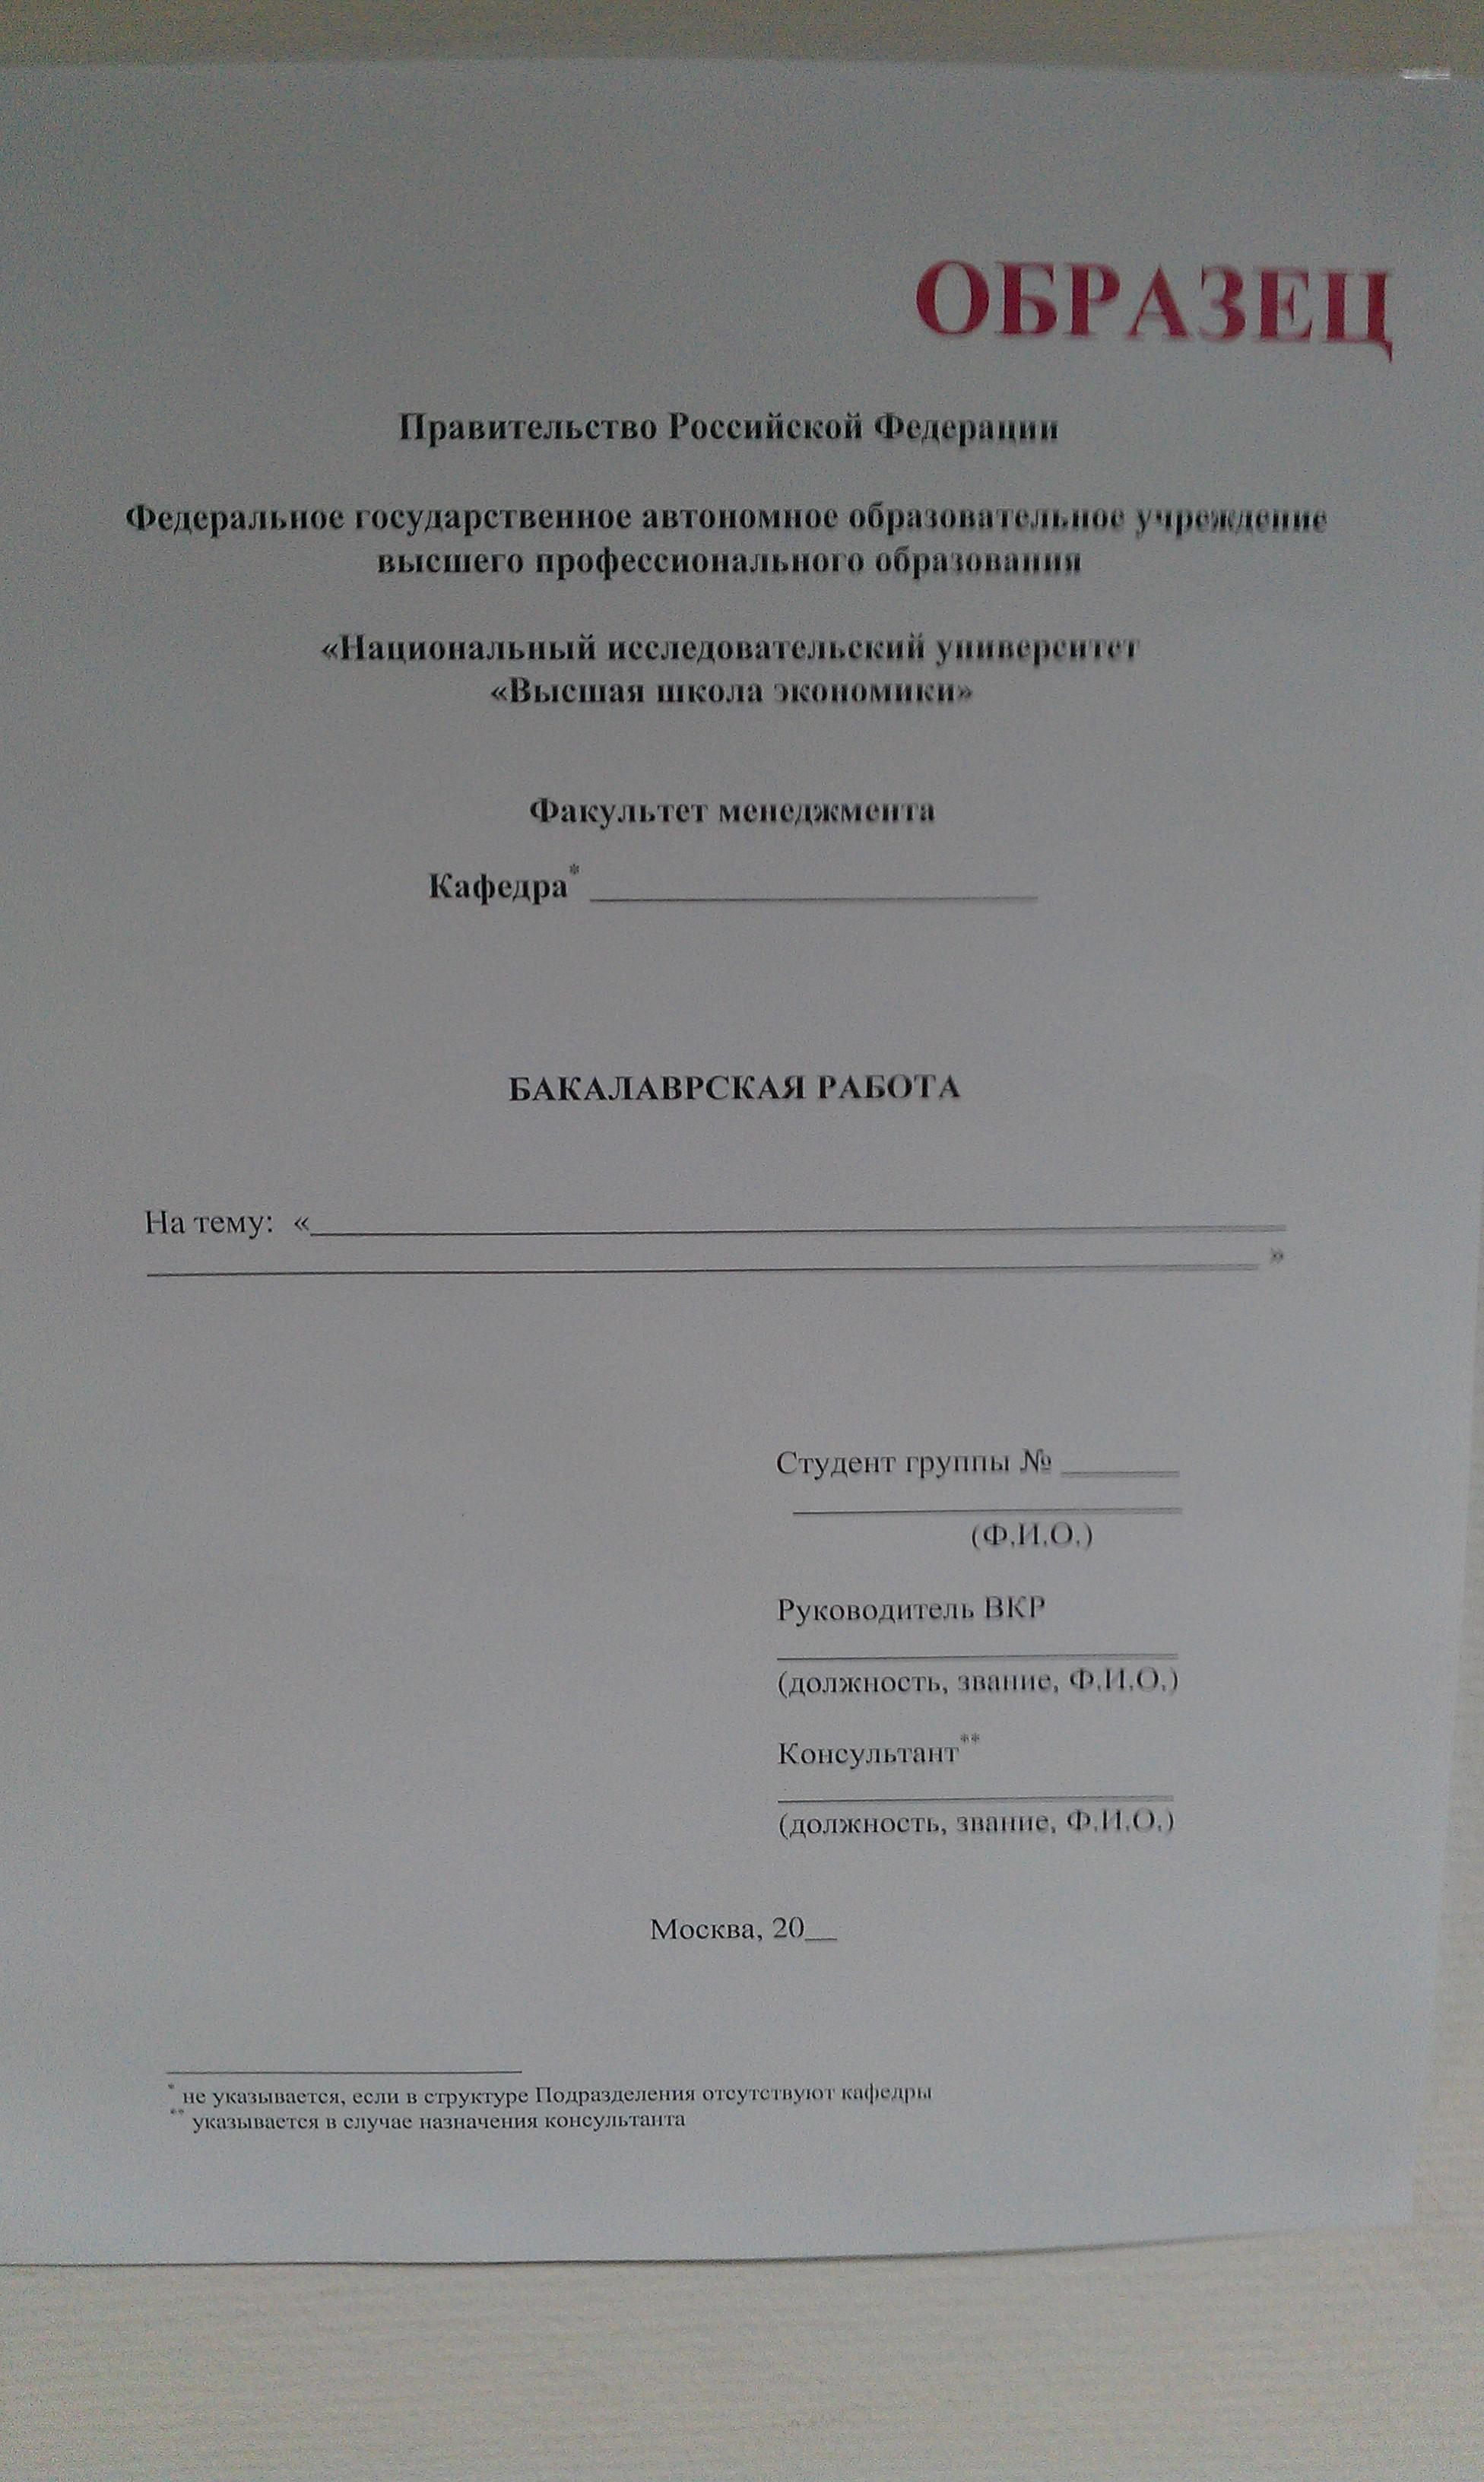 оформление магистерской диссертации по госту  Образец оформления титульного листа ВКР и магистерской диссертации